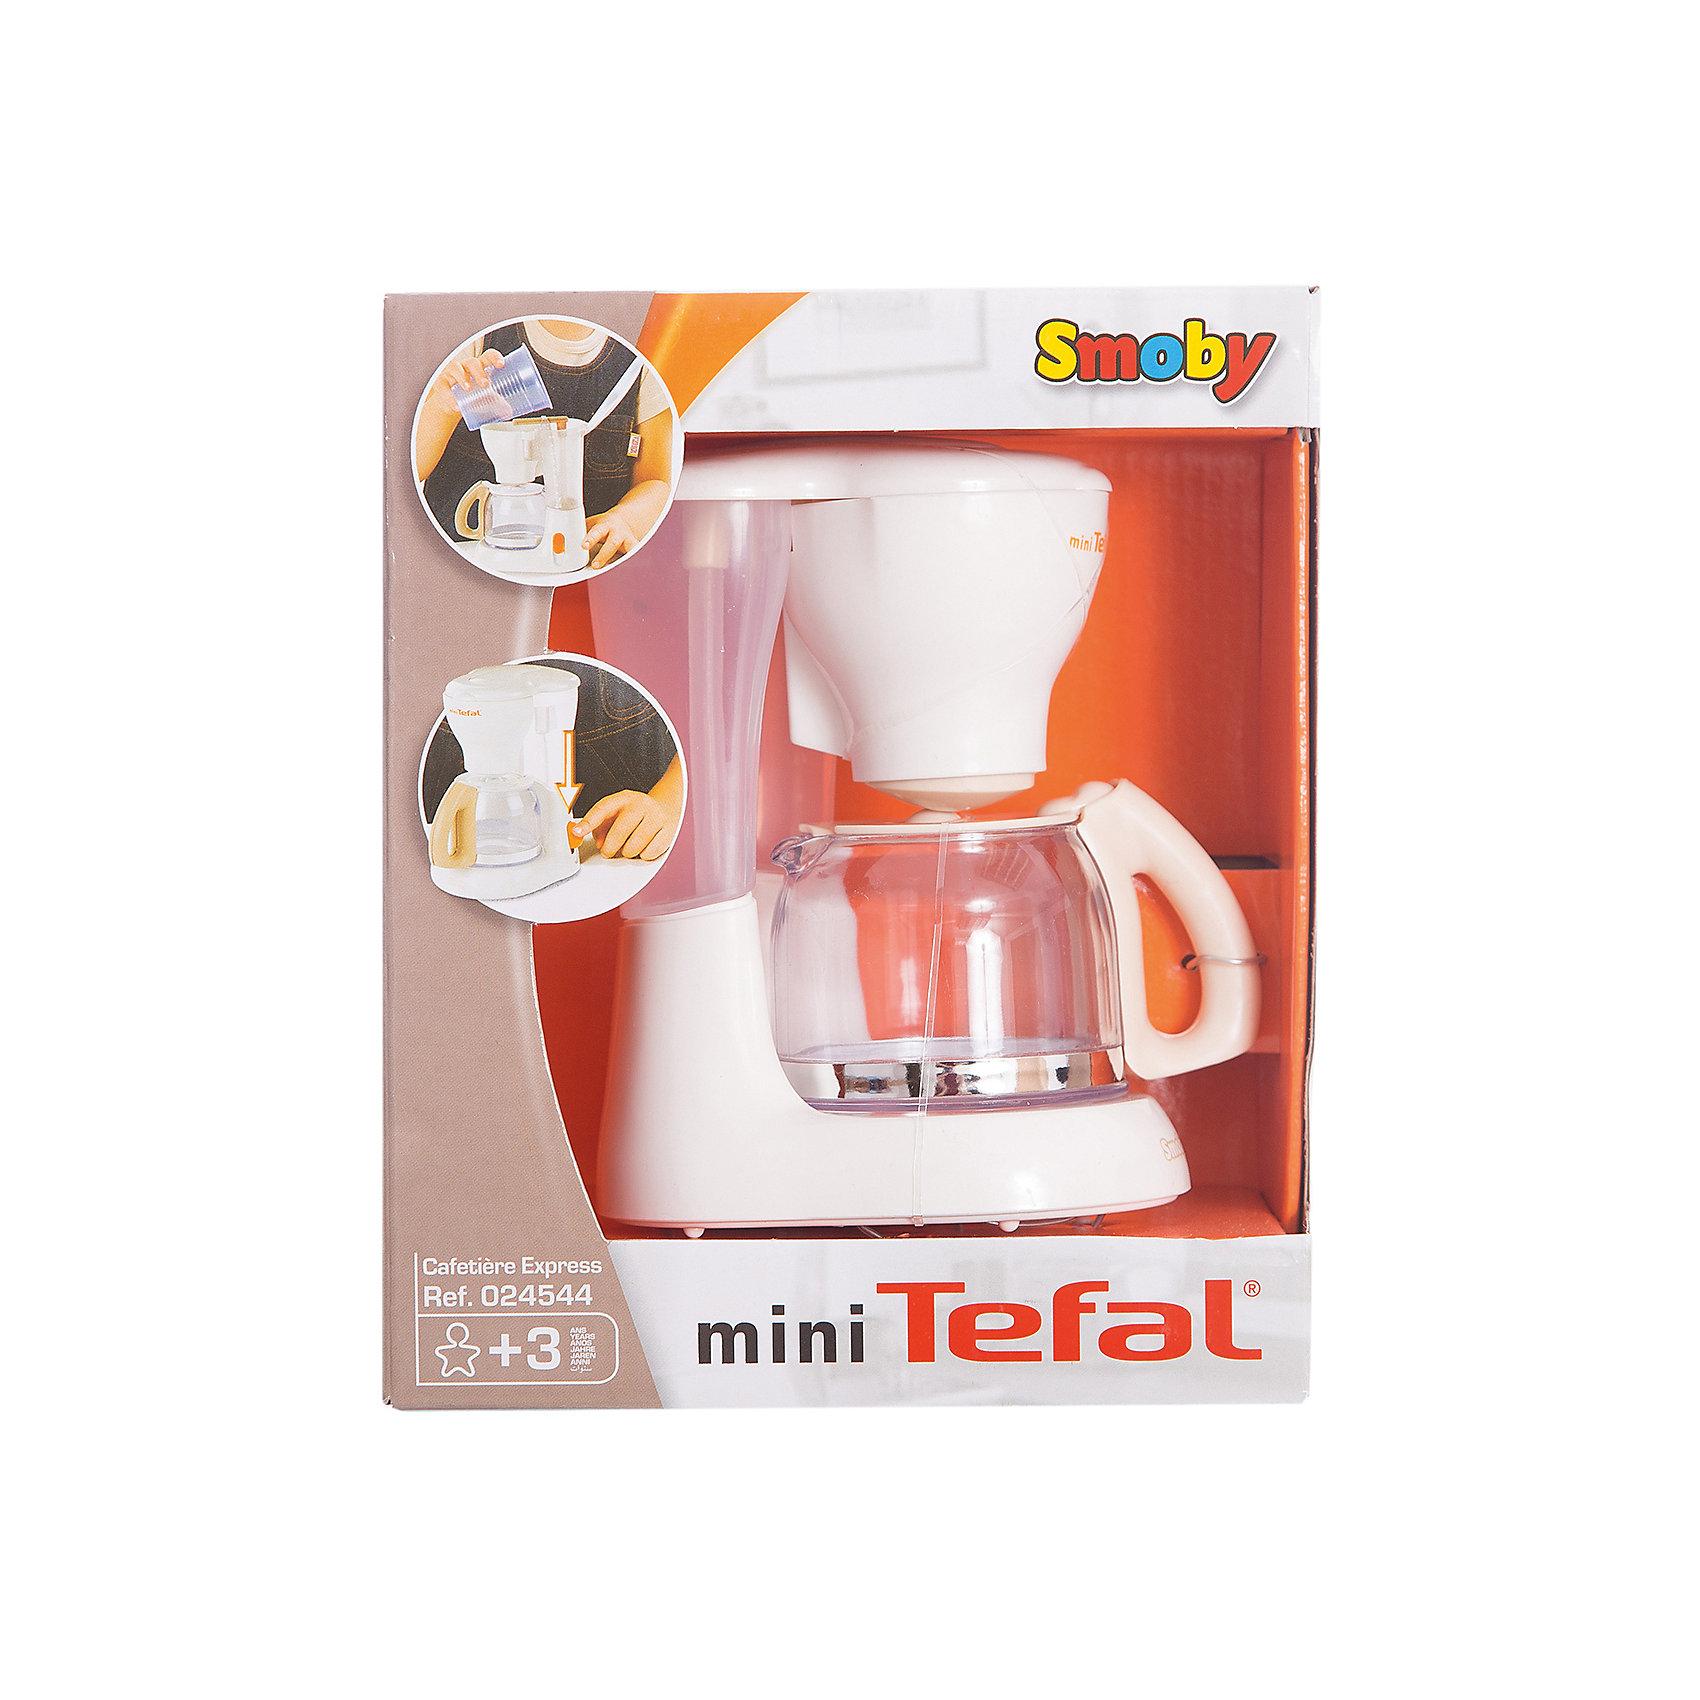 Кофеварка Тefal, SmobyИгрушечная бытовая техника<br>Характеристики:<br><br>• вид игрушки: игрушечная бытовая техника;<br>• особенность кофеварки Тefal: использование воды;<br>• материал: пластик;<br>• размер упаковки: 20х11х17 см;<br>• вес: 300 г.<br><br>Кофеварка Simba является игрушечной копией бытовой техники Тefal. Работает без батареек, в действие приводится механическим способом. Резервуар наполняется водой, внизу устанавливается кофейник с стенками из прозрачного пластика. Затем необходимо нажать на кнопку, чтобы наполнить кофейник кофе. <br><br>Кофеварку Тefal, Simba можно купить в нашем магазине.<br><br>Ширина мм: 212<br>Глубина мм: 174<br>Высота мм: 110<br>Вес г: 299<br>Возраст от месяцев: 36<br>Возраст до месяцев: 72<br>Пол: Женский<br>Возраст: Детский<br>SKU: 2014656